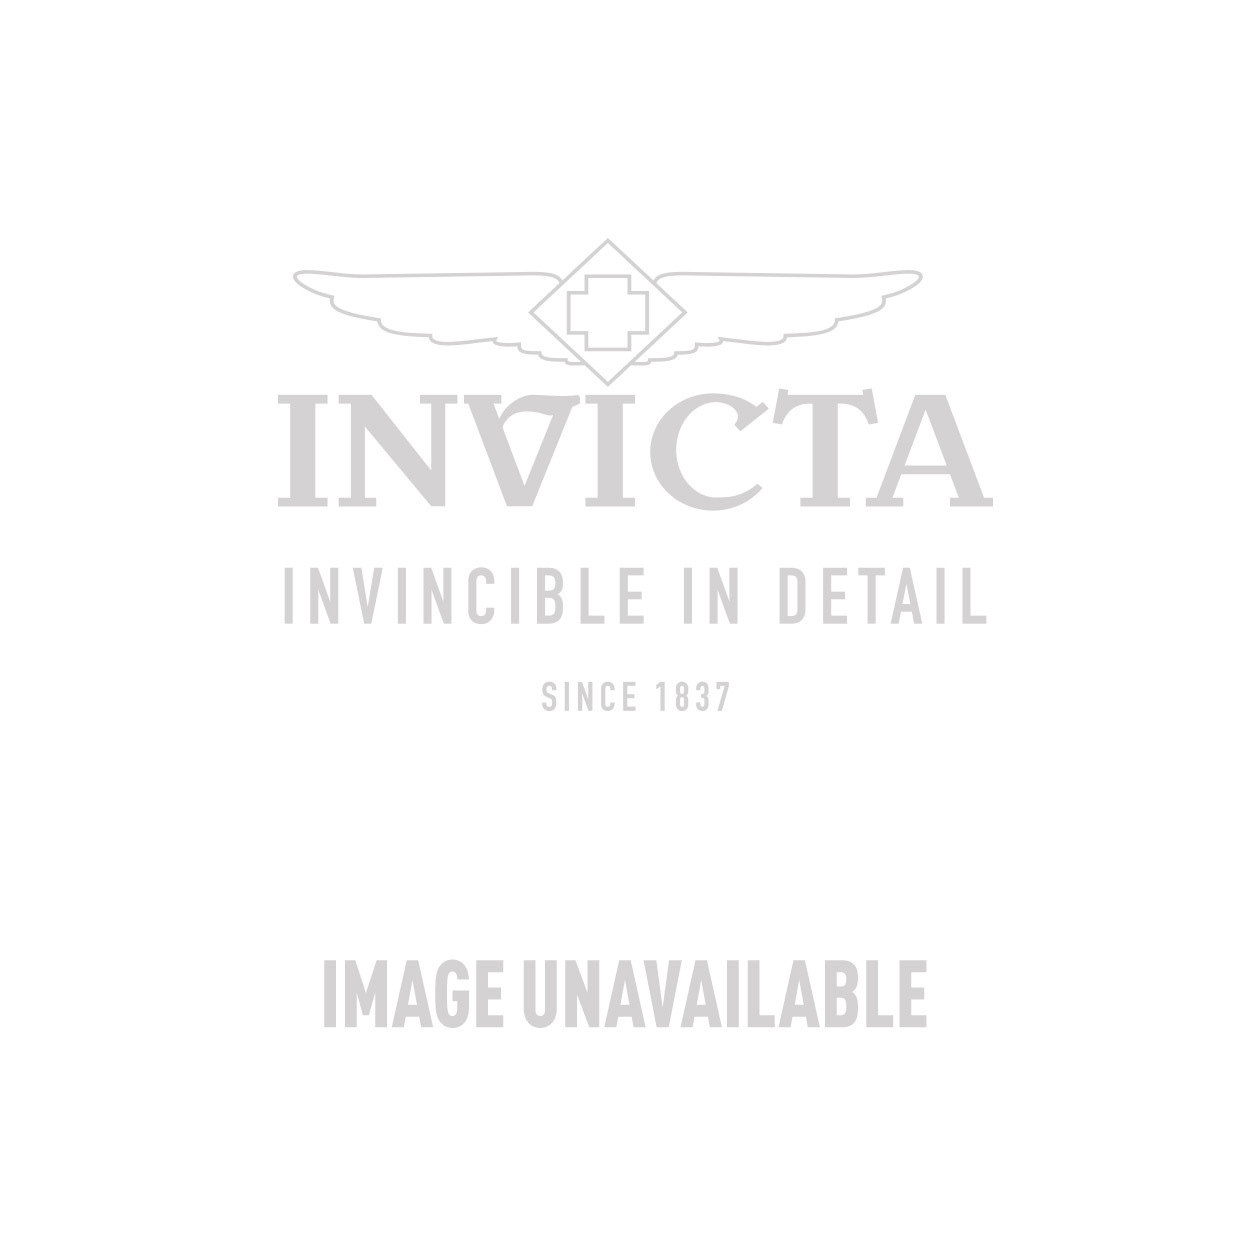 Invicta Model 23351